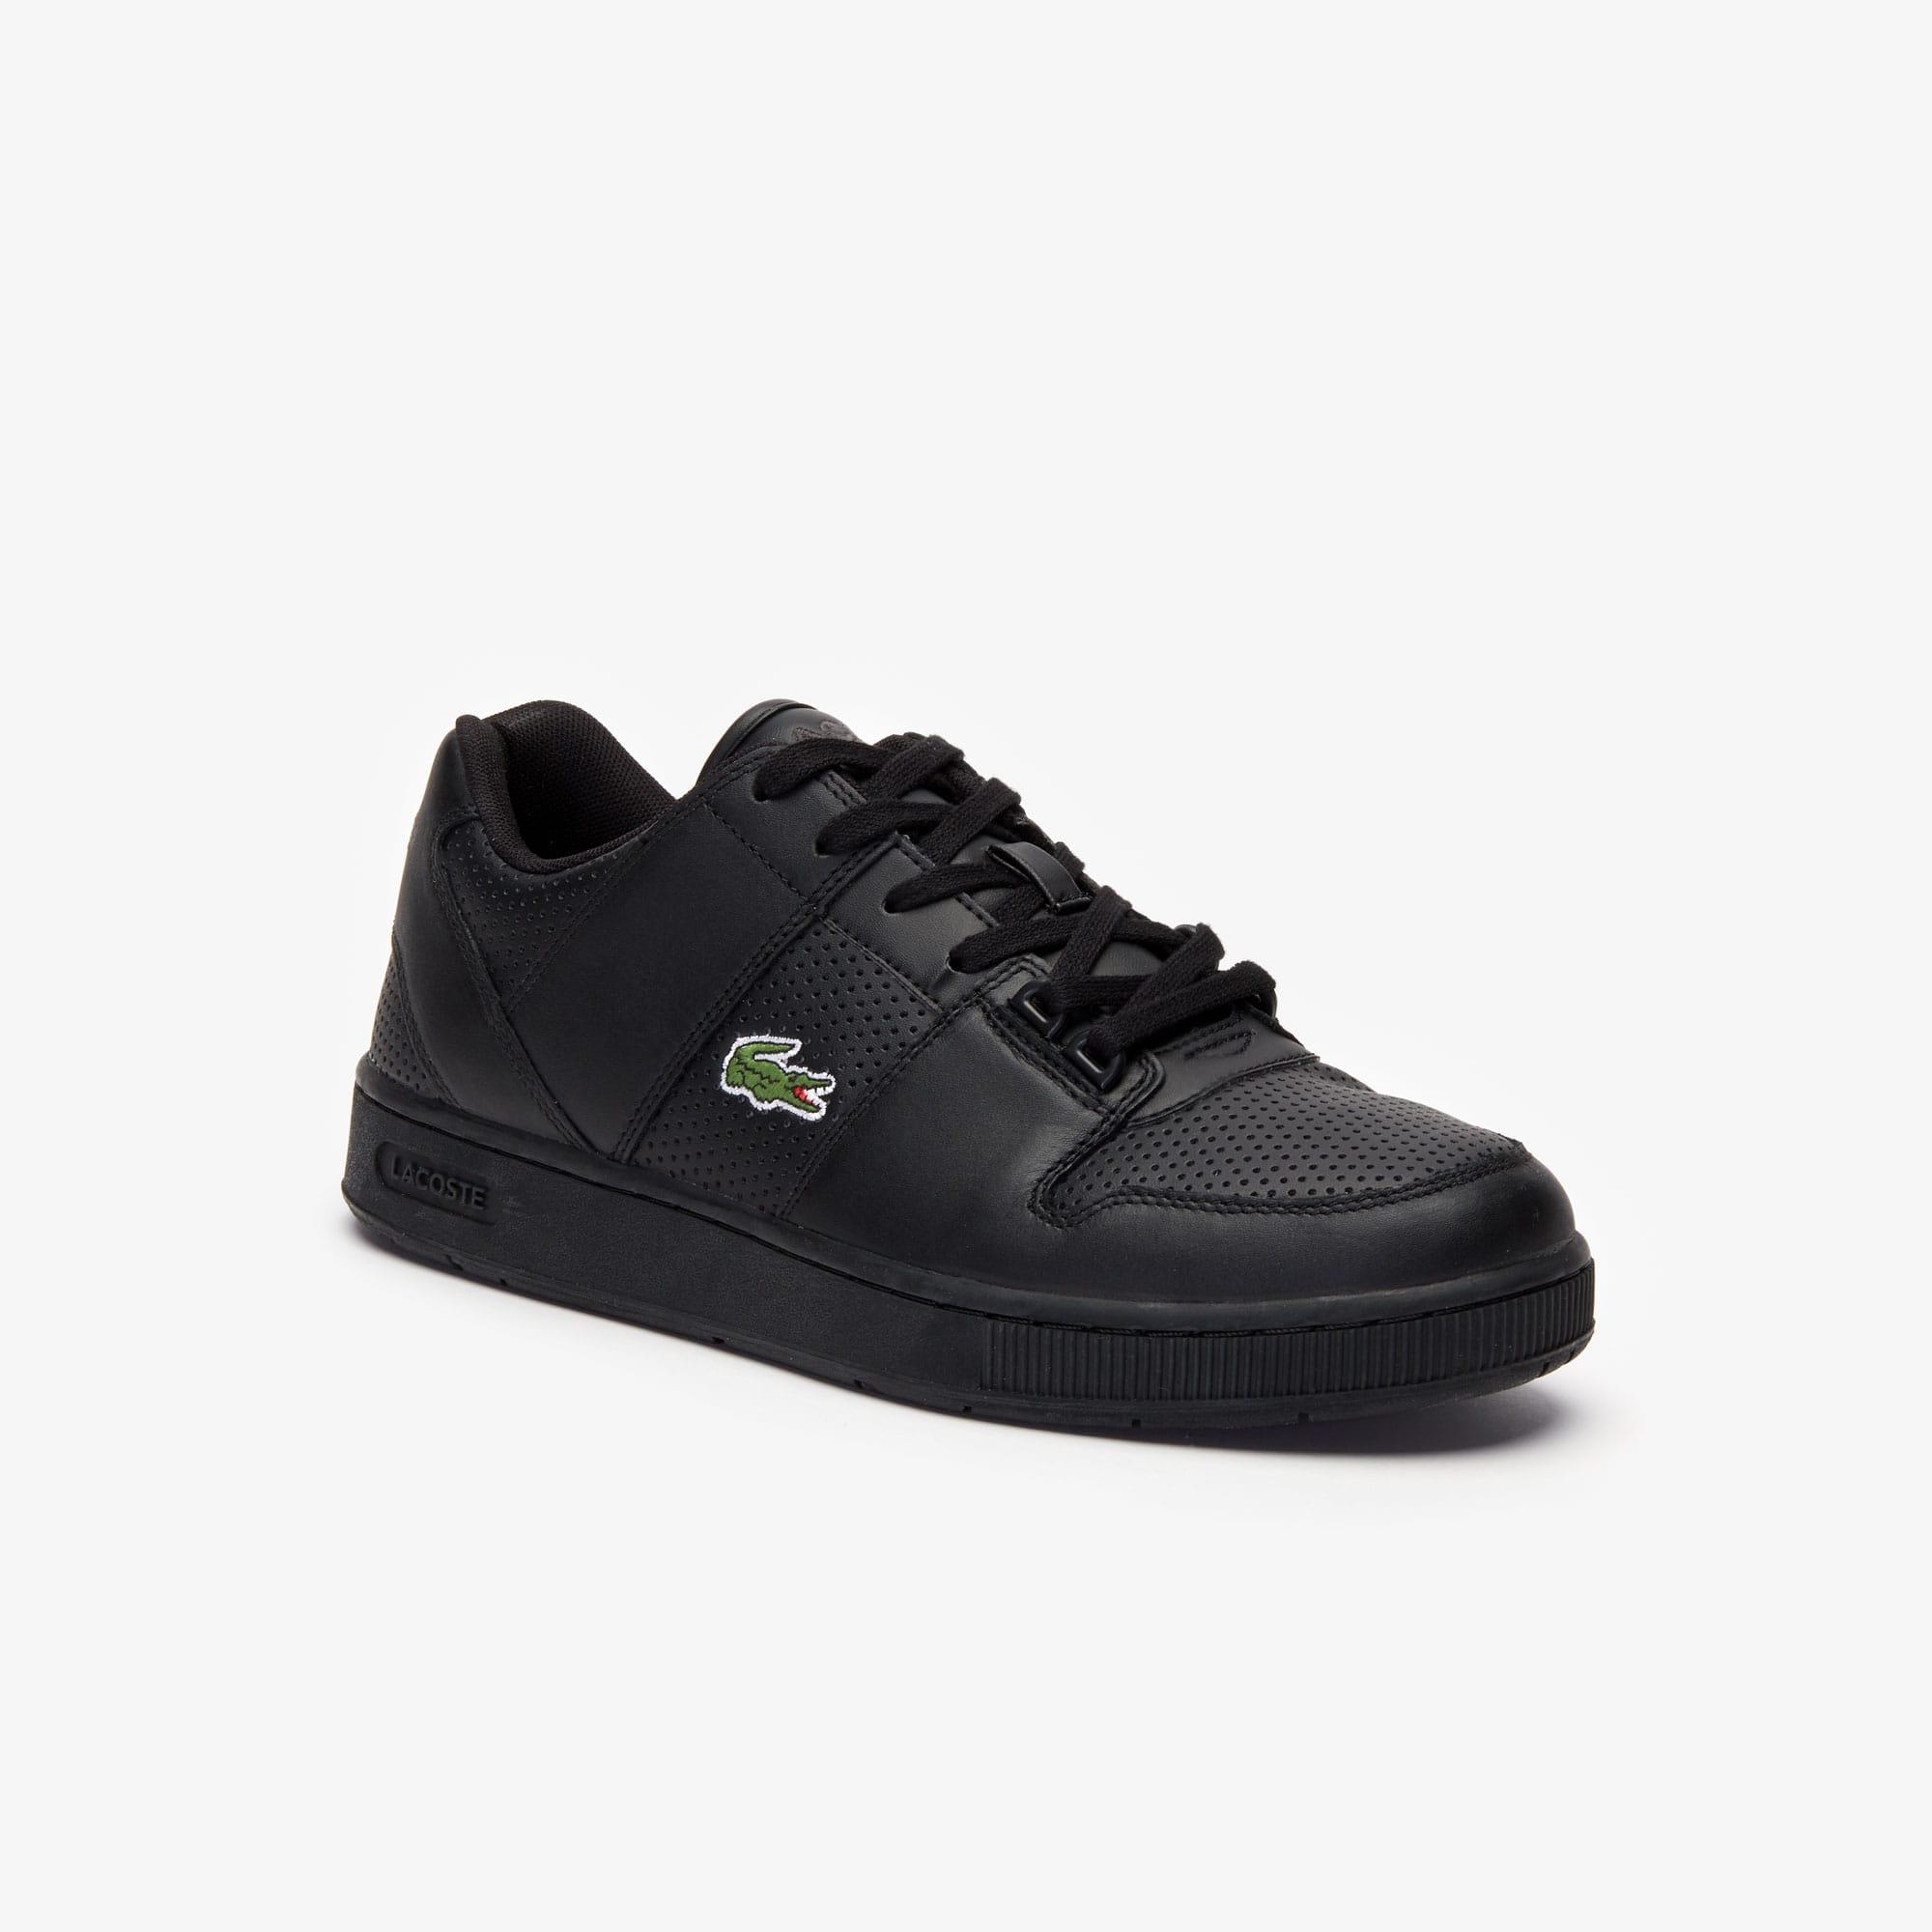 Zapatillas Para Zapatillas Zapatillas HombreCalzado Para HombreCalzado HombreCalzado Lacoste Lacoste Lacoste Para Zapatillas Para YgI6vbmyf7